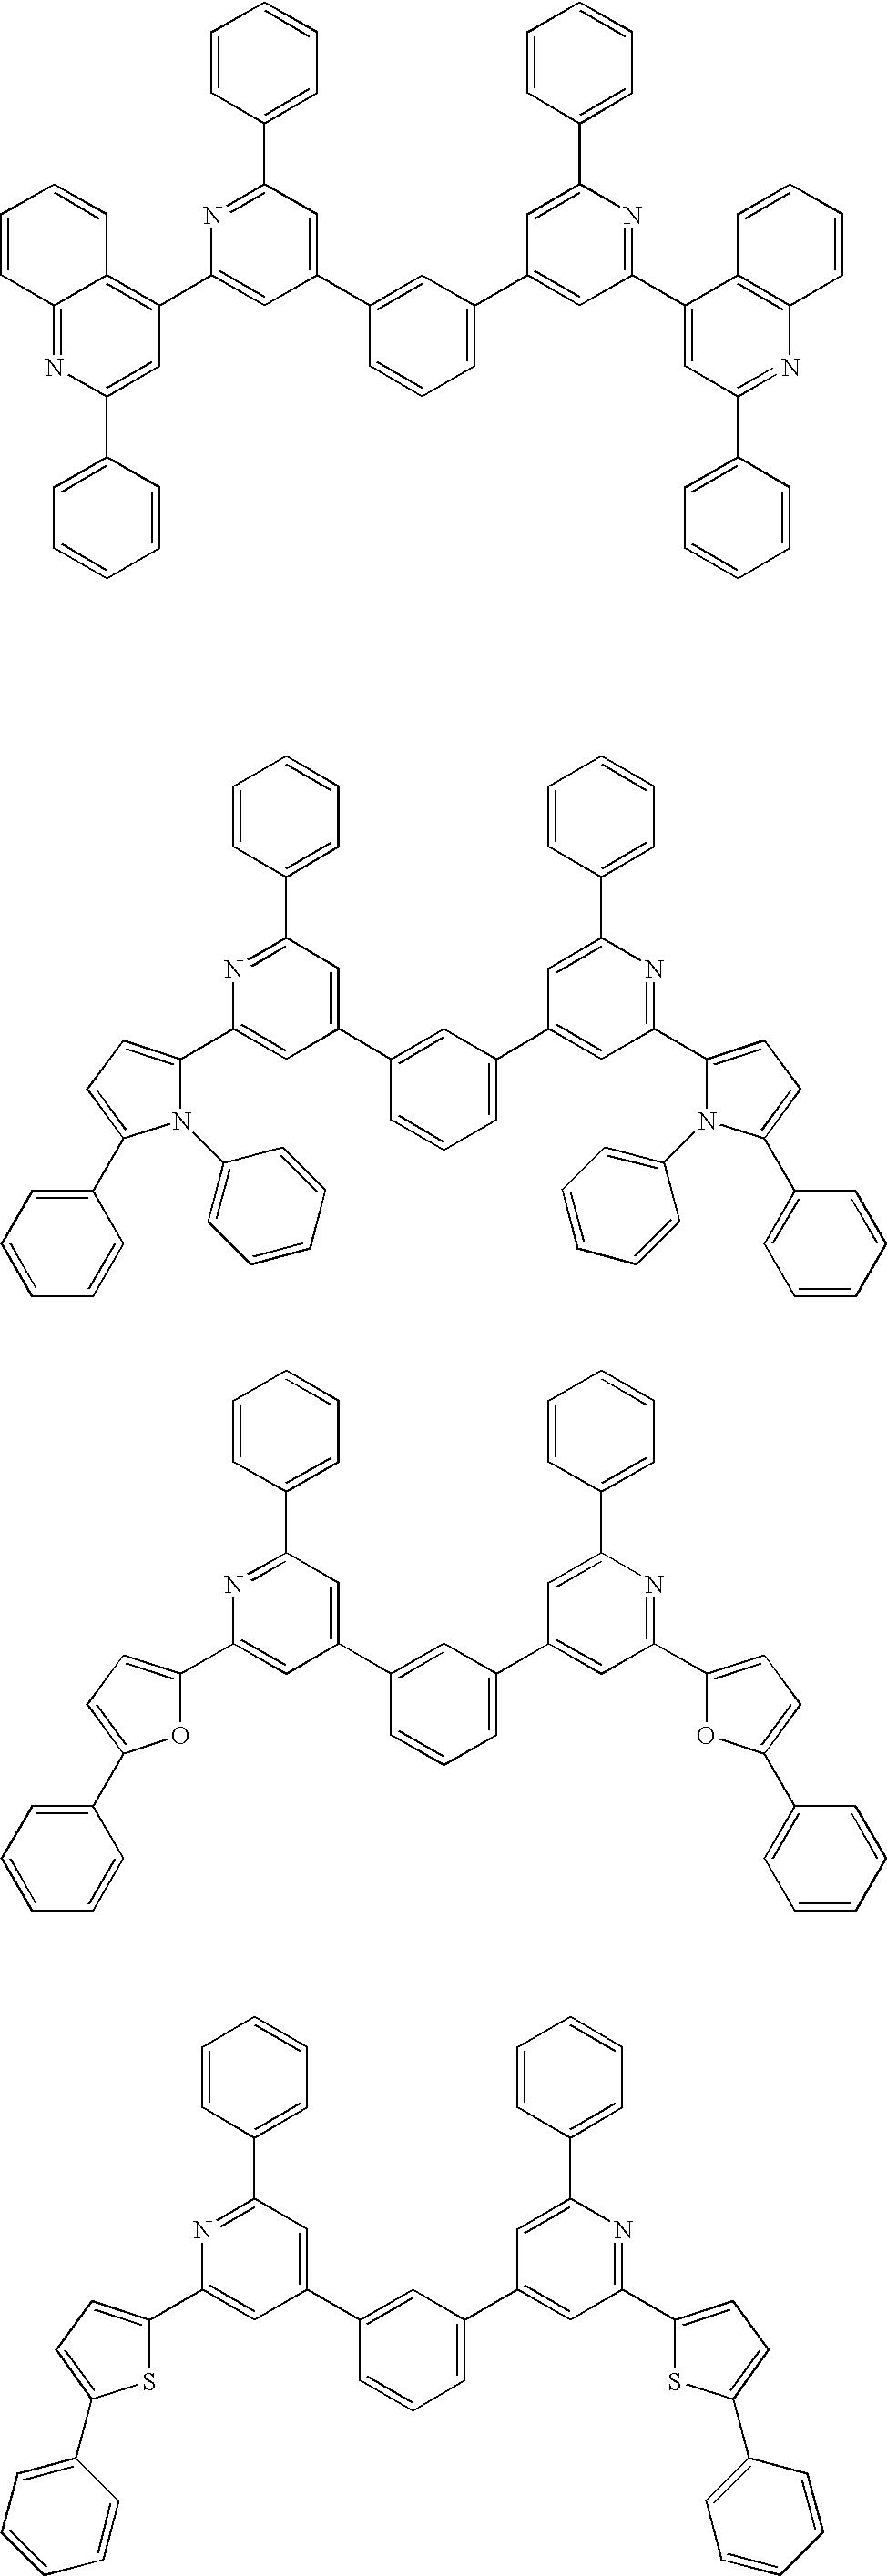 Figure US20060186796A1-20060824-C00029